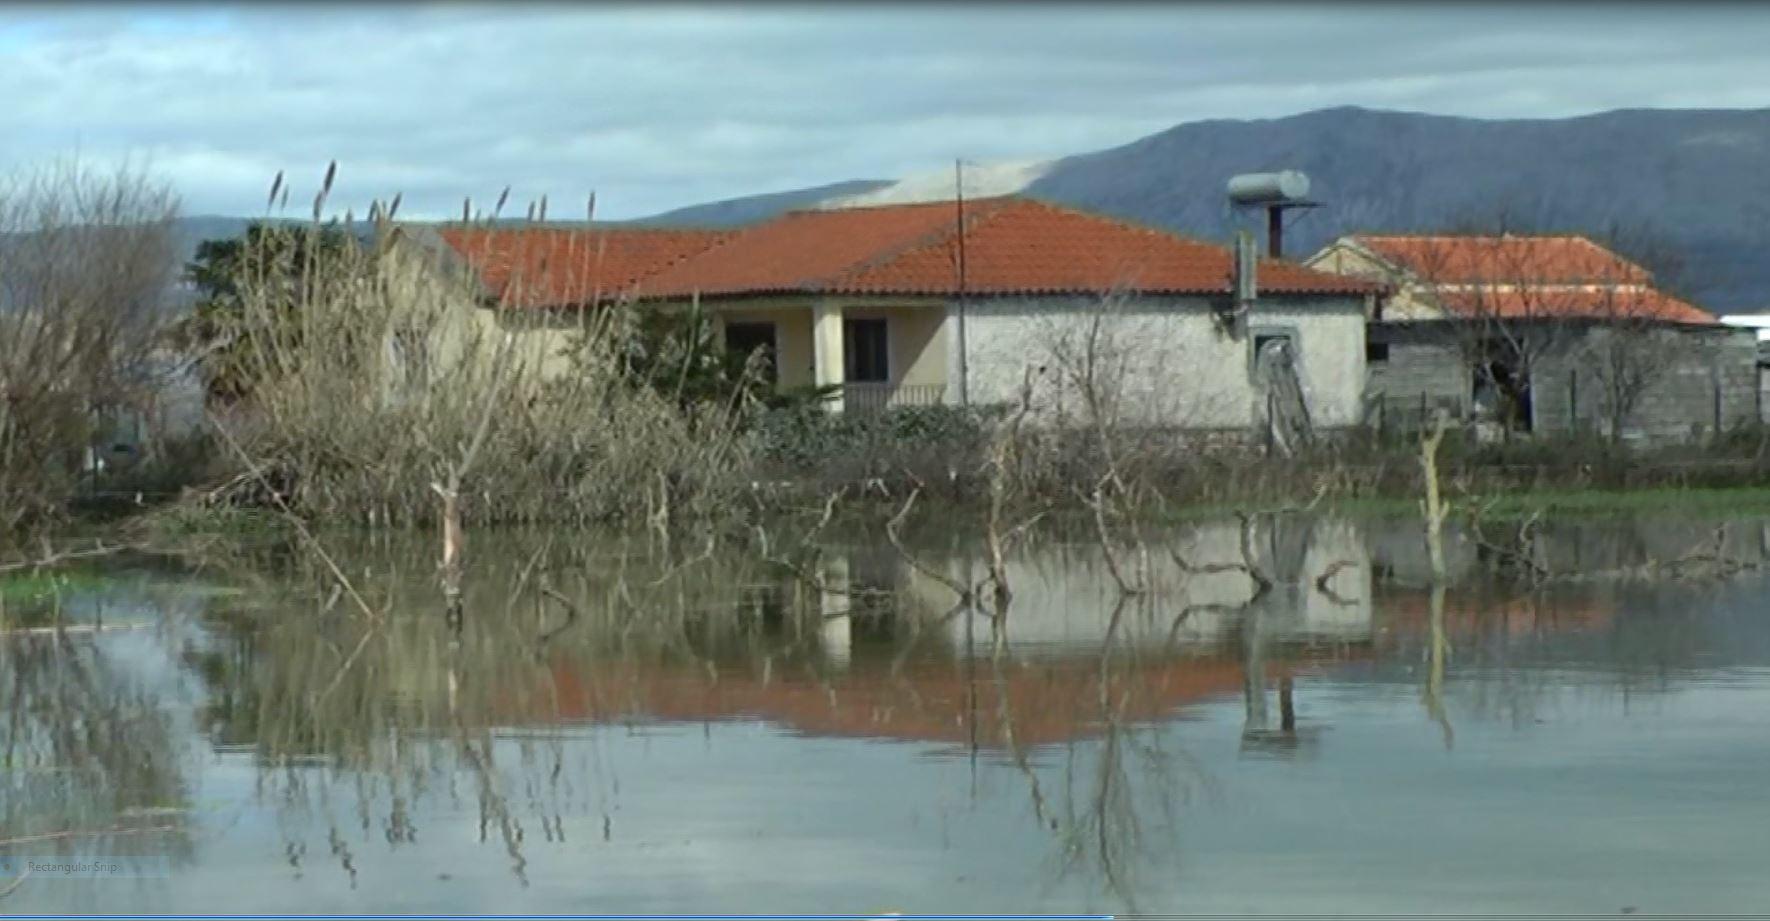 Situata e HEC-eve dhe përmbytjeve në vend